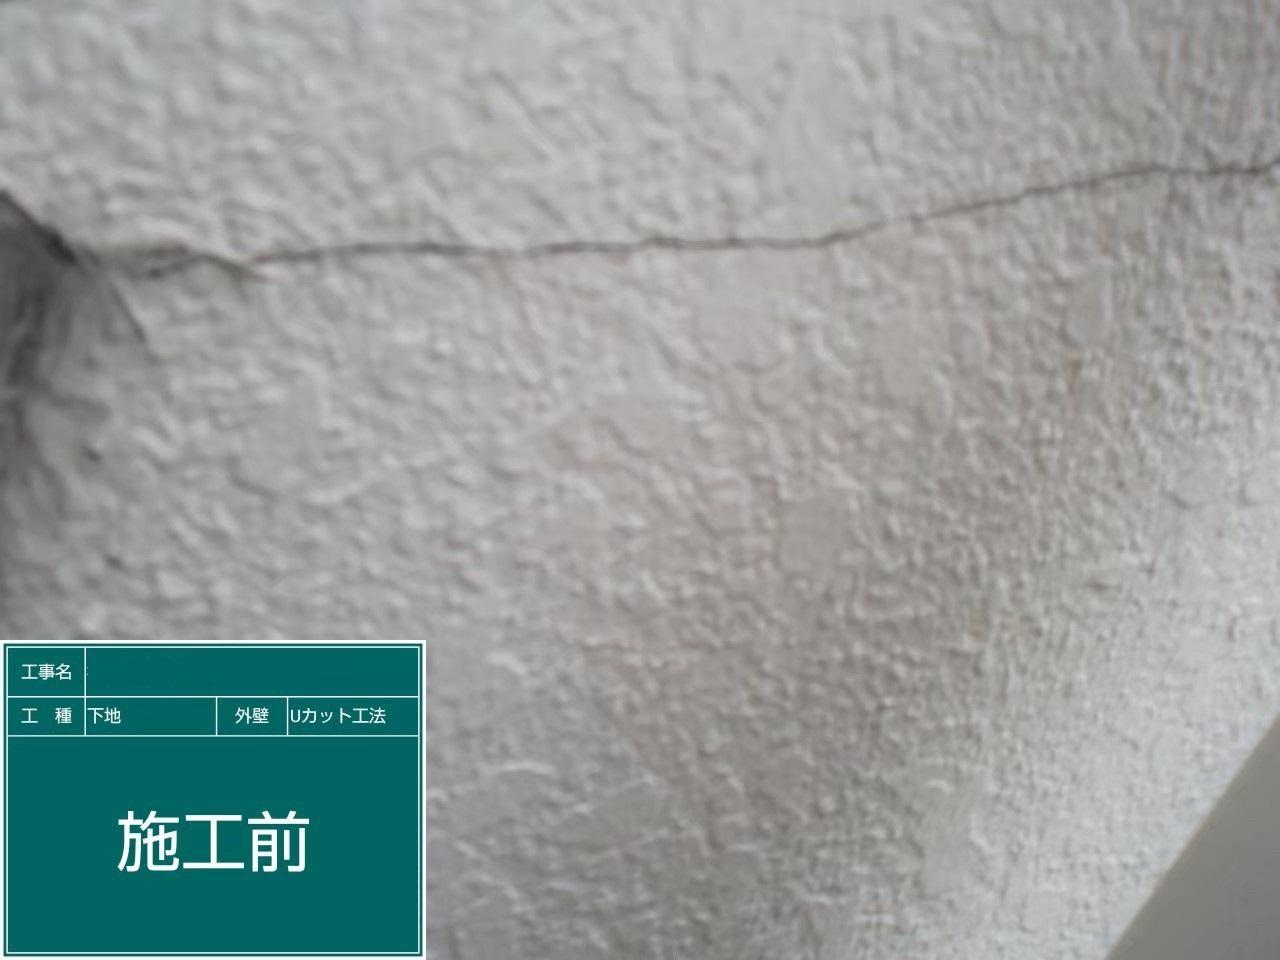 【ひび割れ(0.4mm以上)補修】①施工前